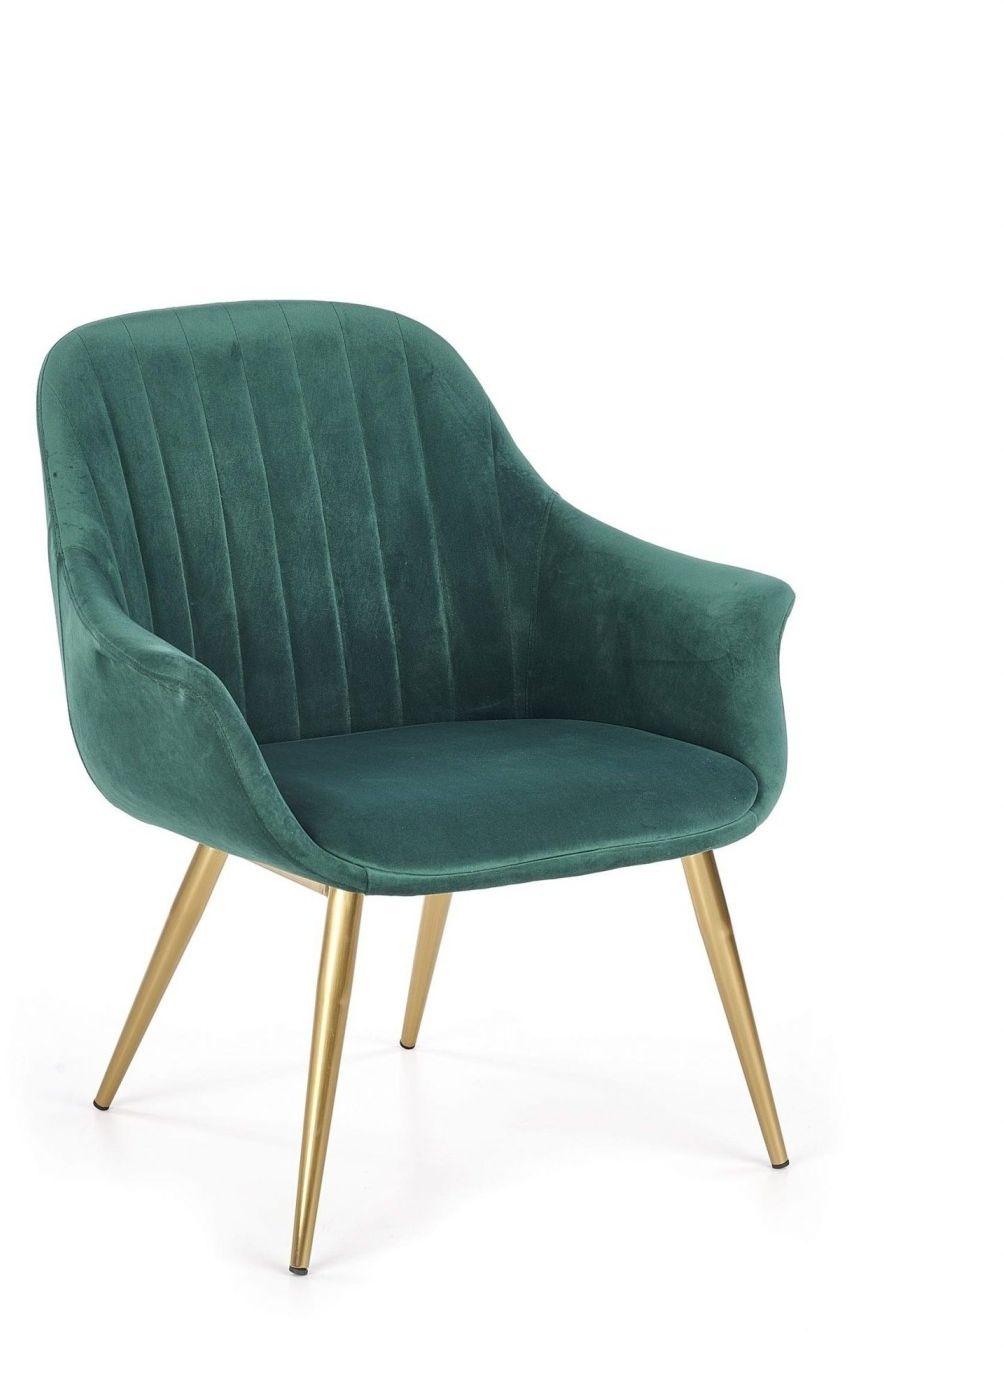 Fotel ELEGANCE 2 tapicerka - ciemny zielony, nogi - złote Halmar